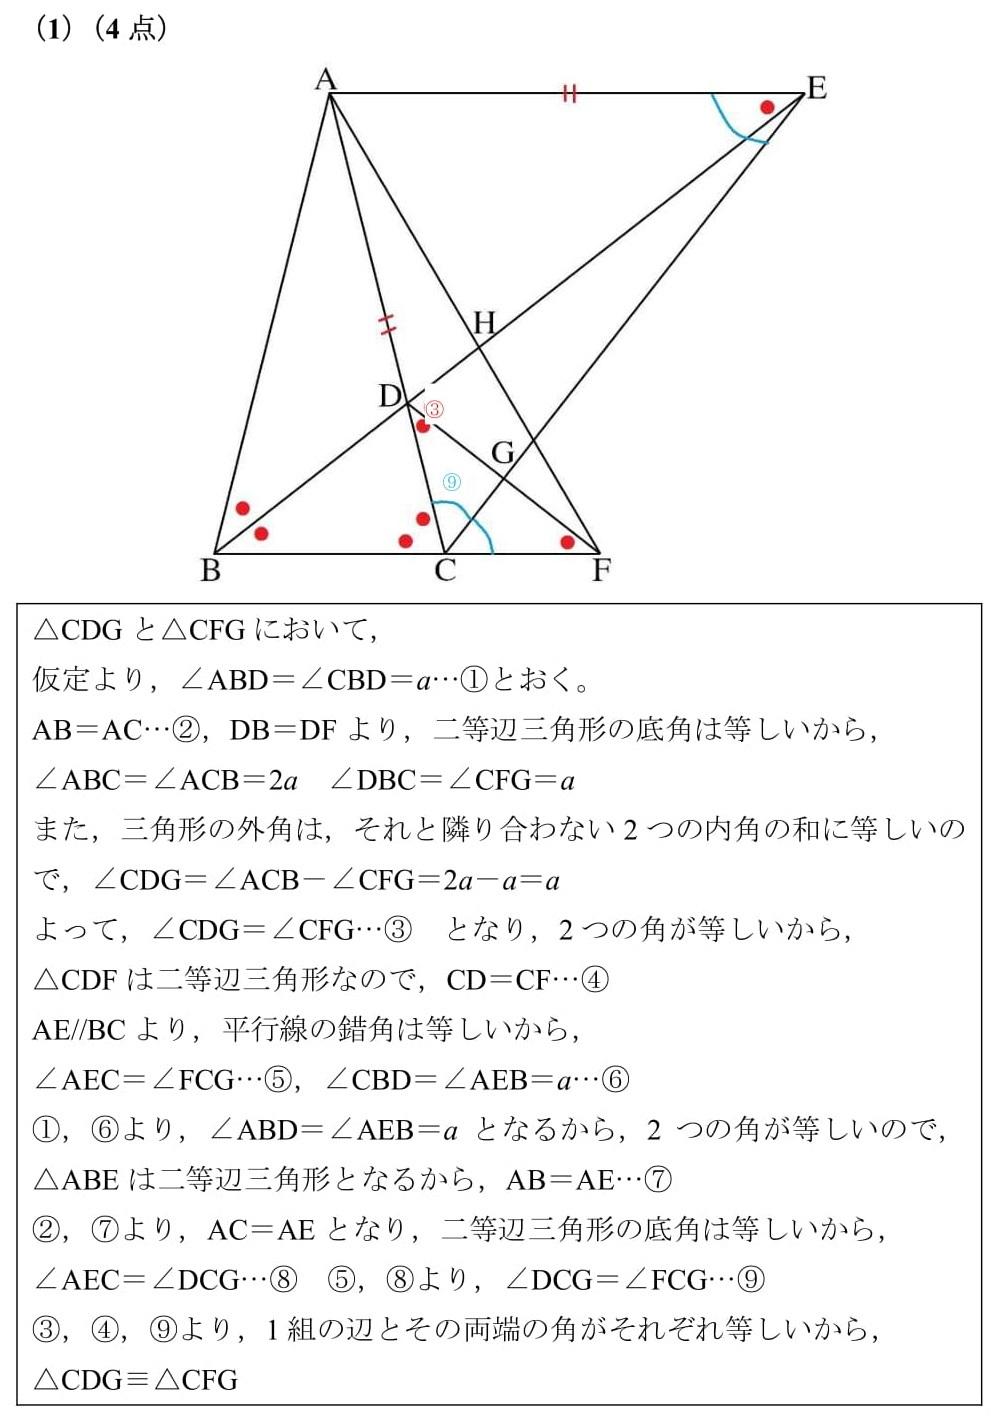 2018 三重県 高校入試 数学 解答 解説